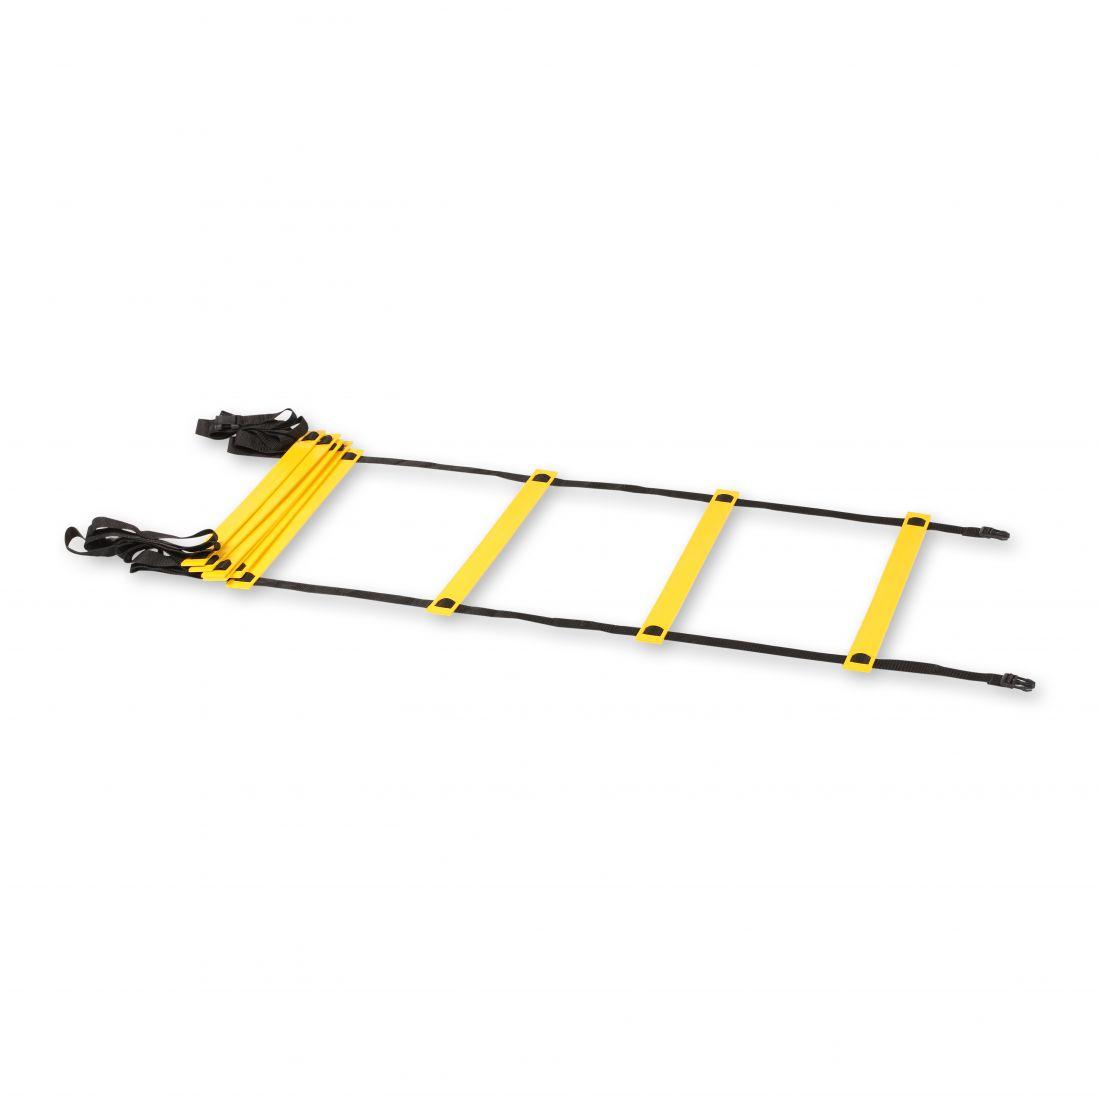 Лестница координационная Кроссфит 12 ступеней 4,5*0,42м Желтая